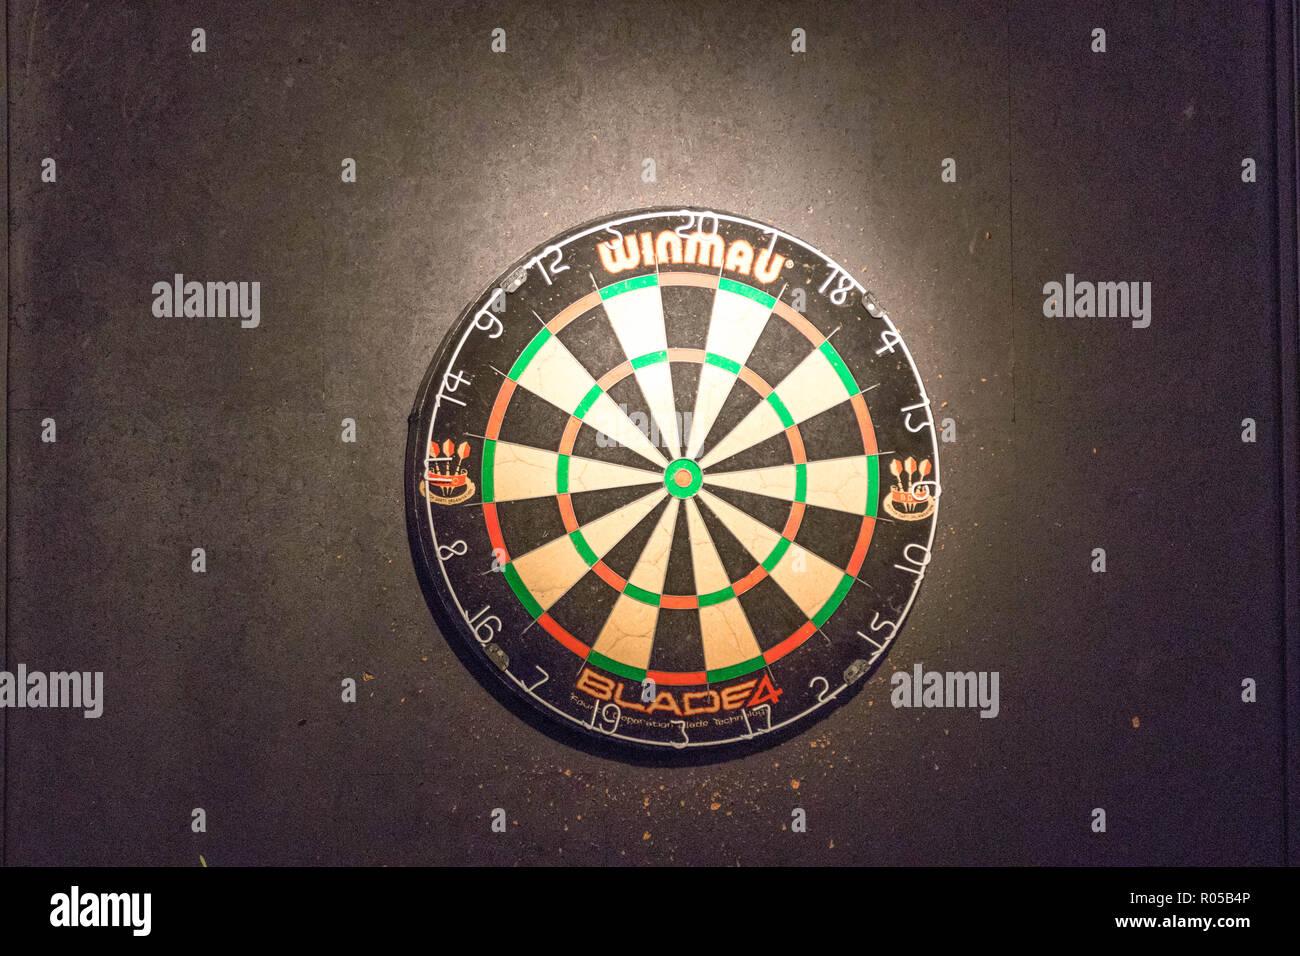 Darts board in a pub game - Stock Image